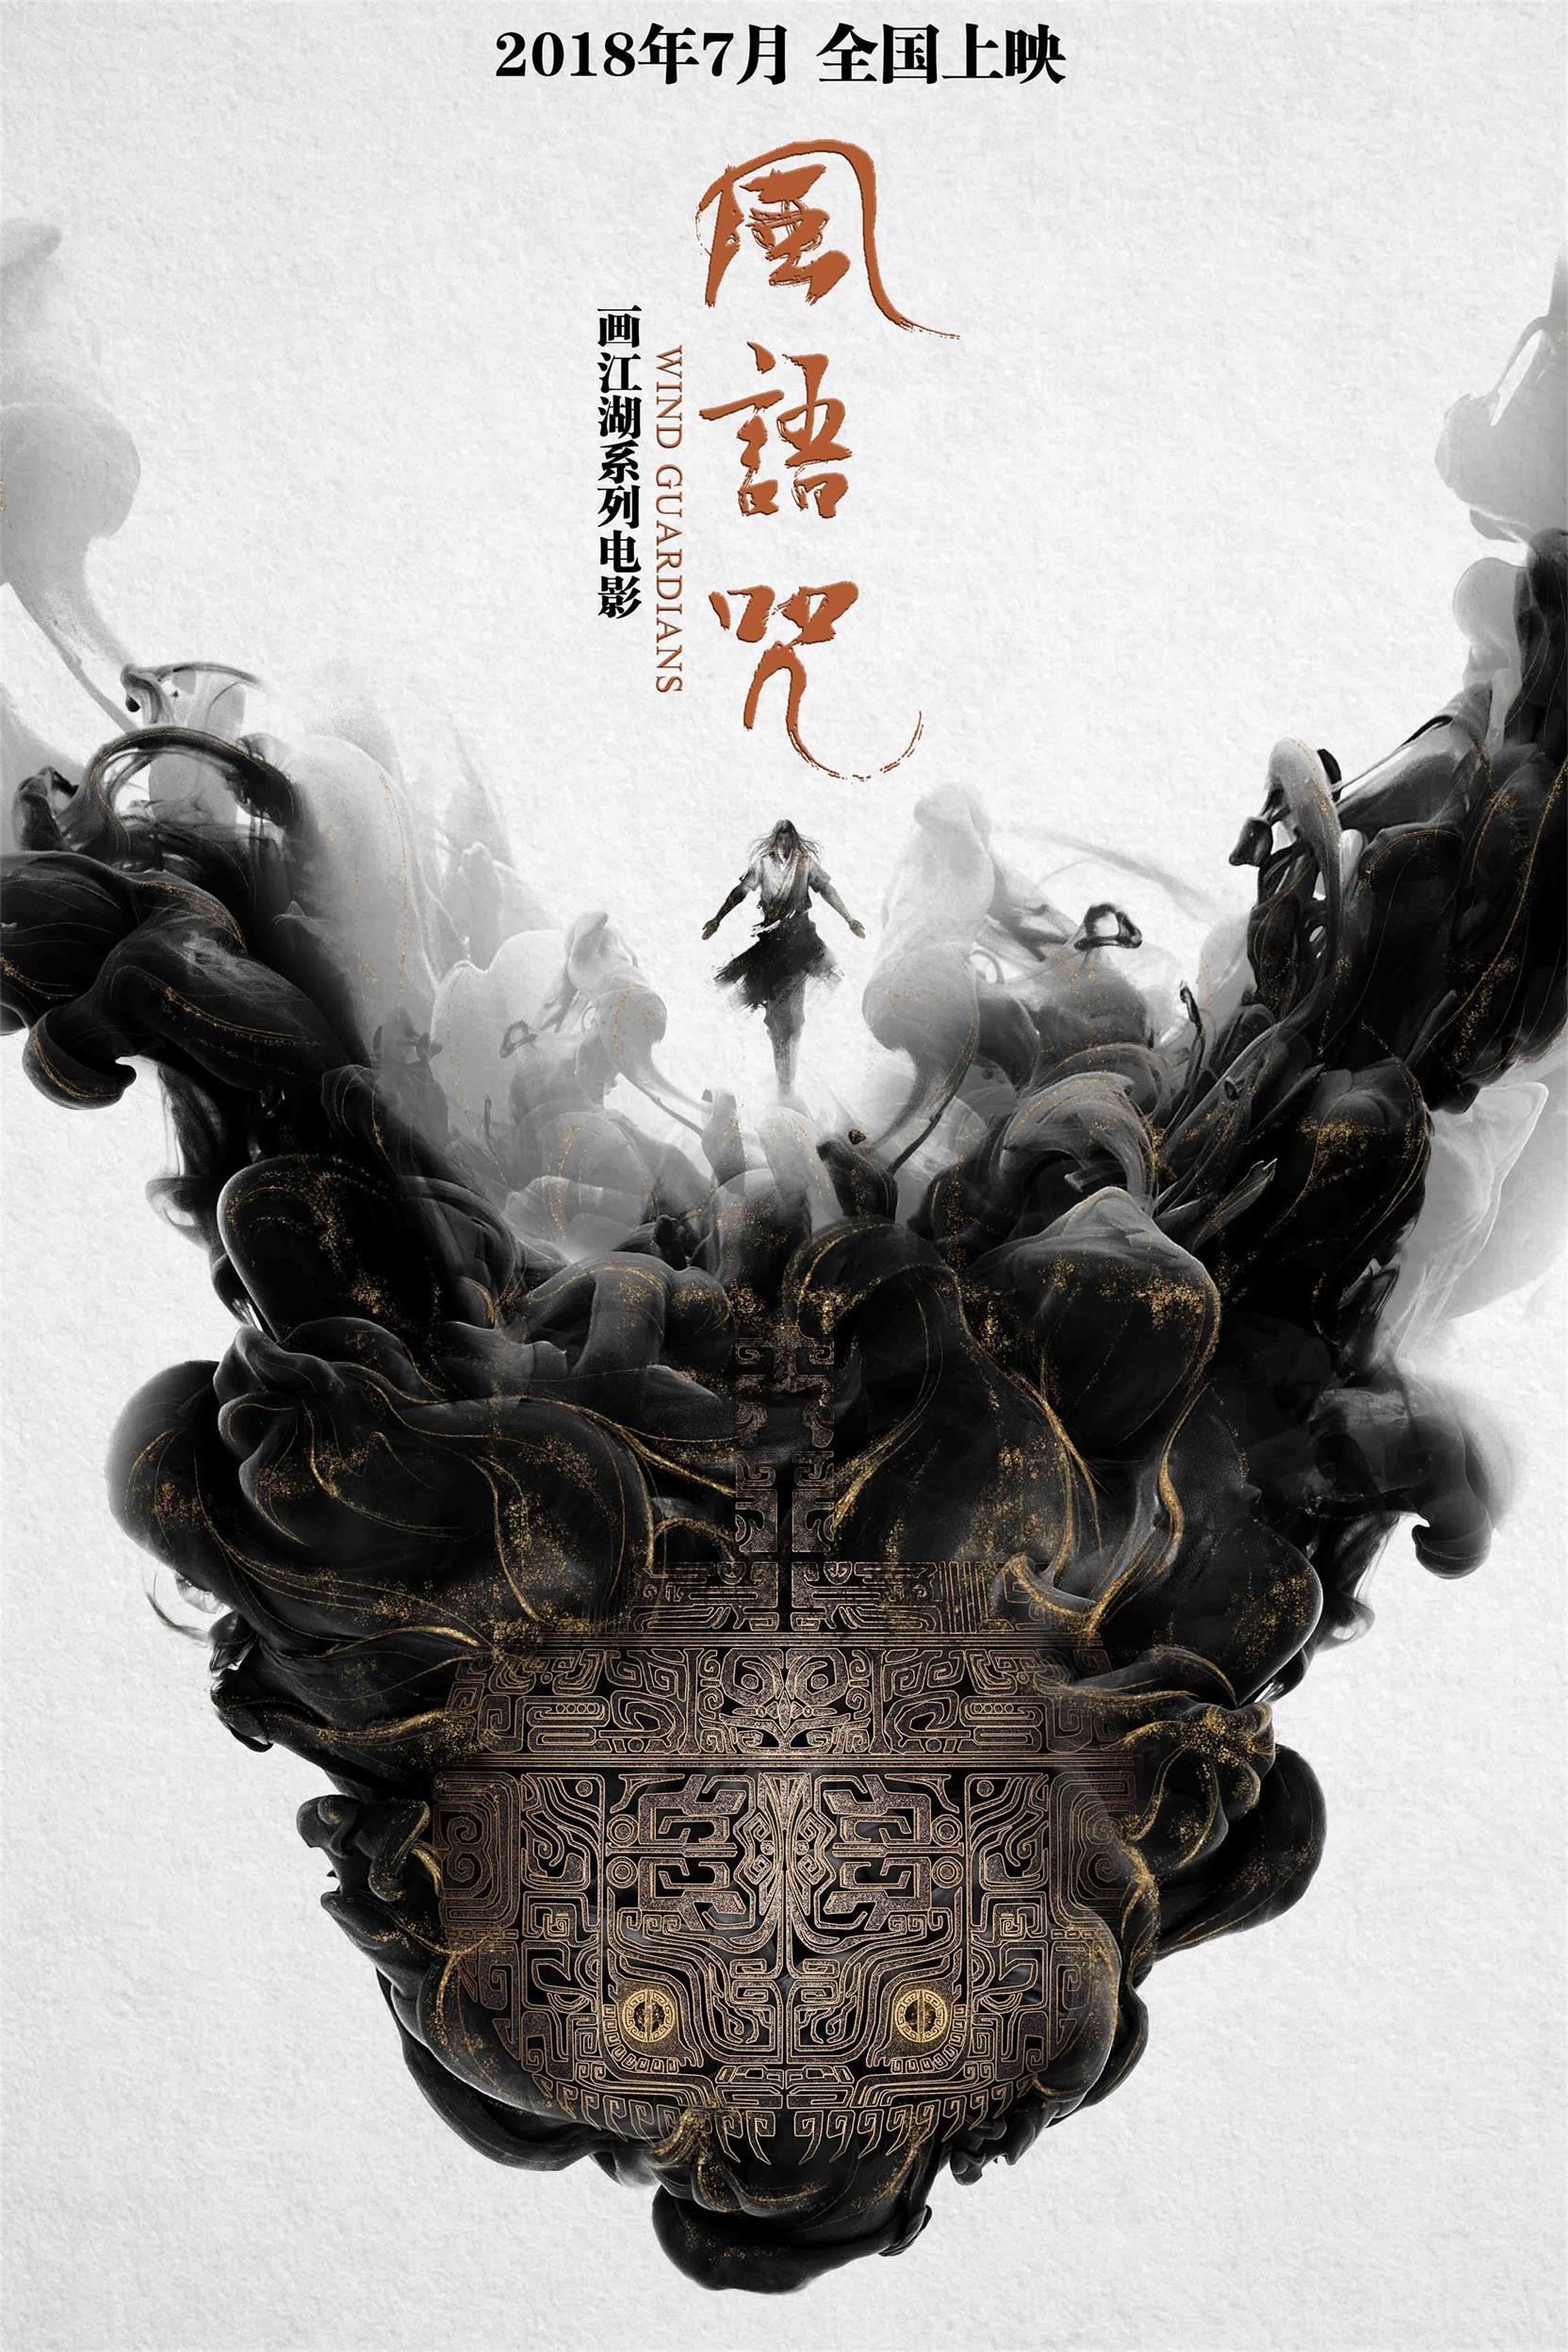 《风语咒》概念海报